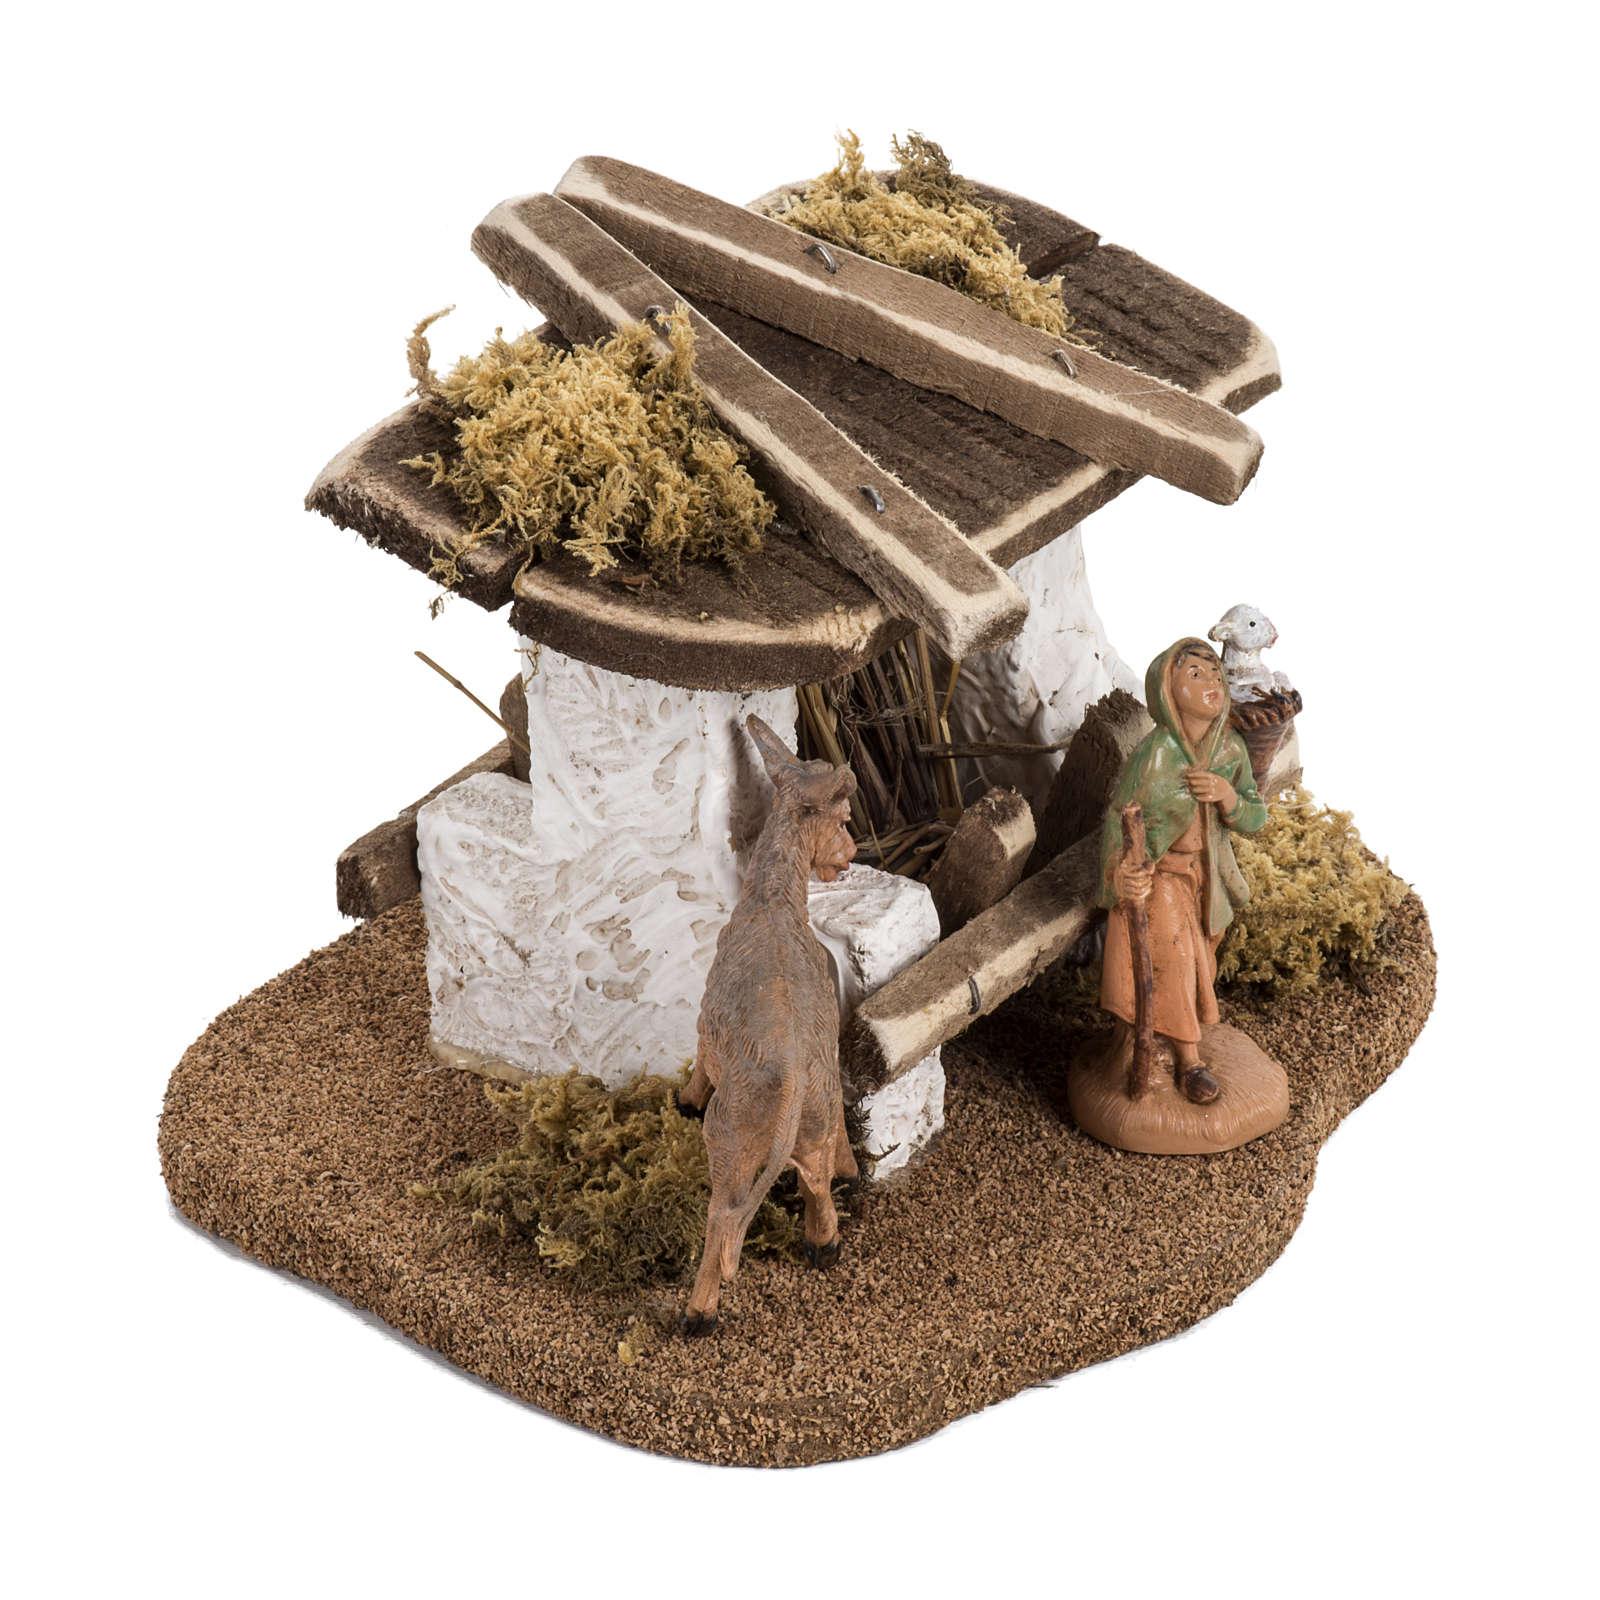 Mangeoire crèche de Noel Fontanini 6,5 cm | vente en ligne sur HOLYART